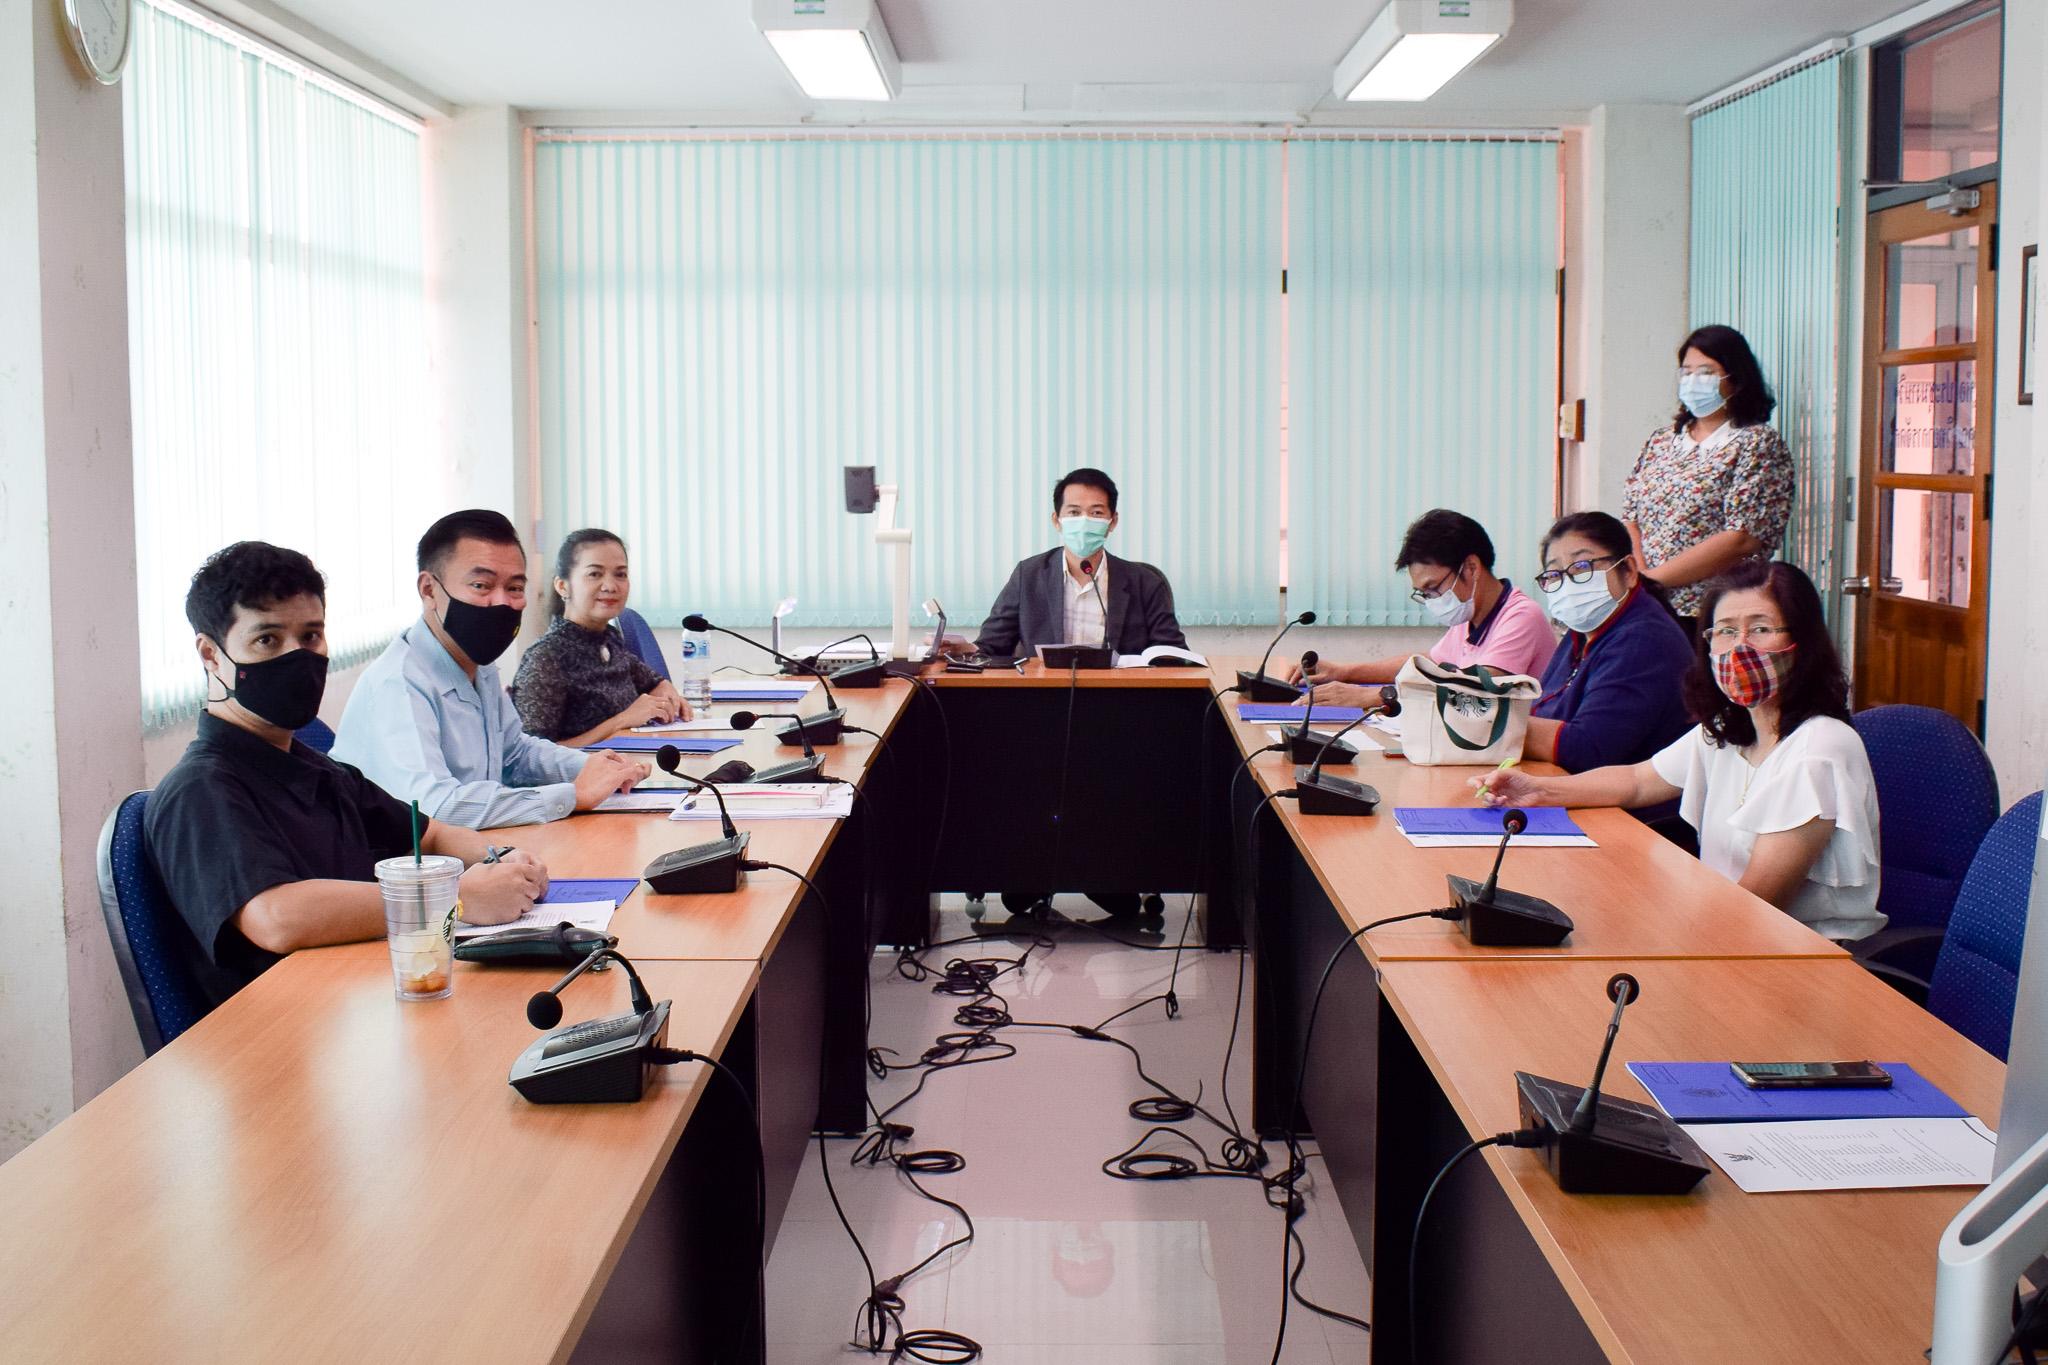 ประชุมคัดเลือกผู้แทนประธานสาขาวิชาเพื่อดำรงตำแหน่งคณะกรรมการประจำคณะวิทยาการจัดการ